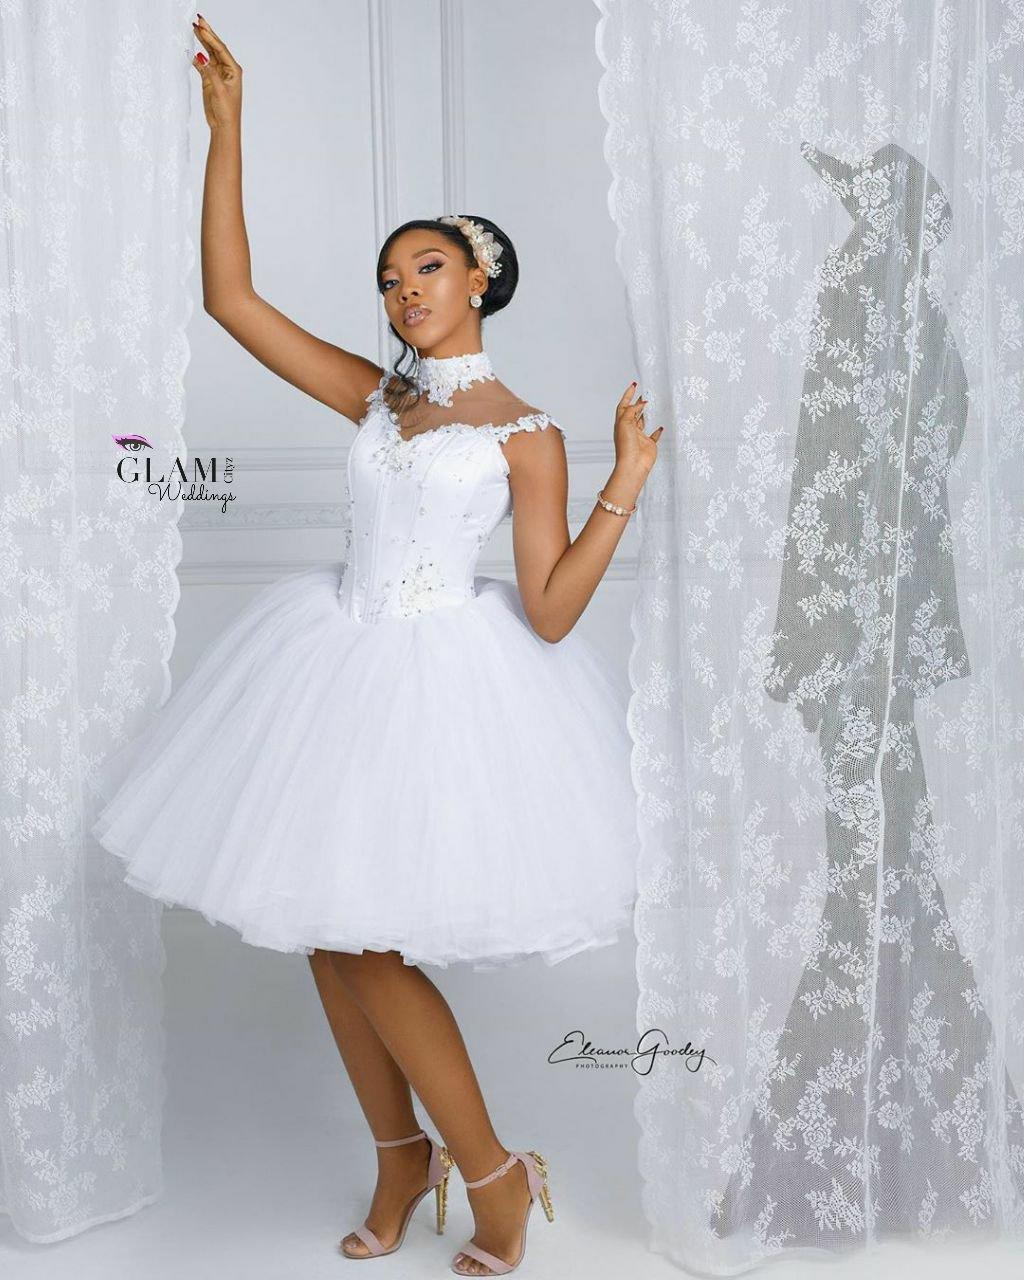 glamcityz 0audio bride 108773859903306321922.